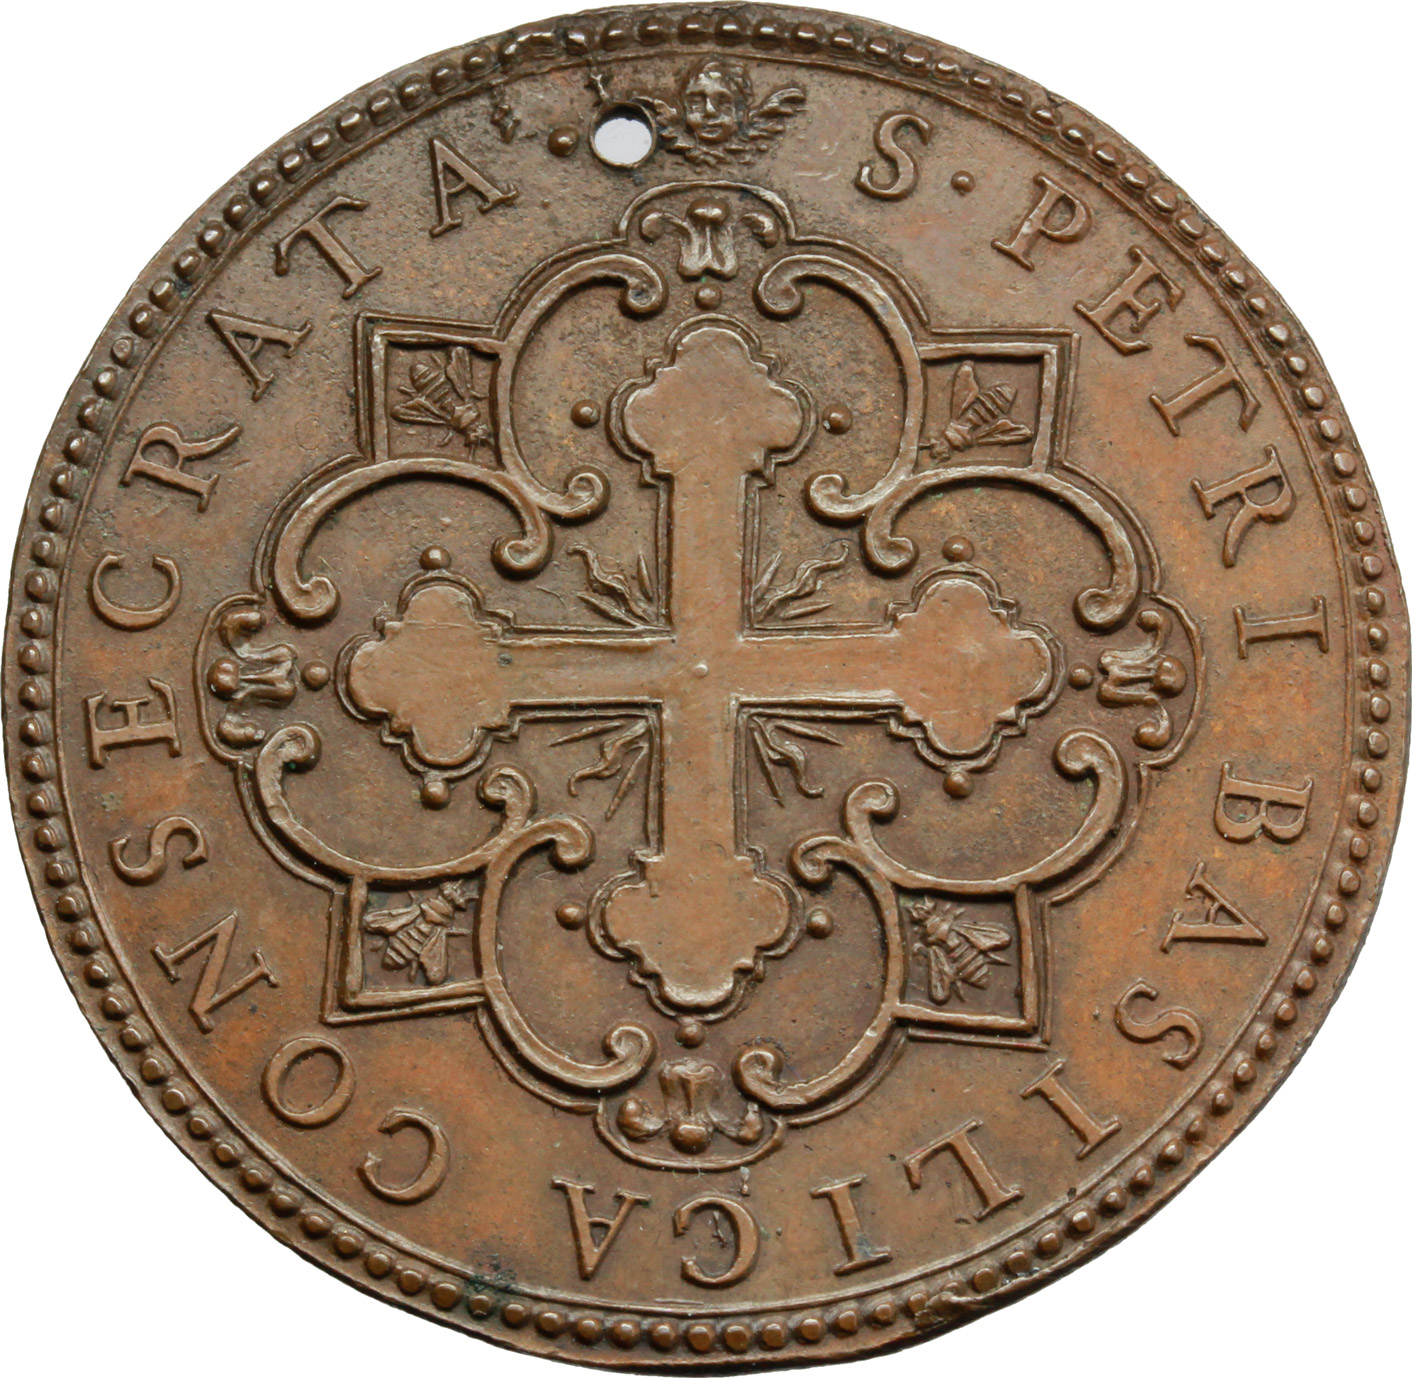 R/ Urbano VIII (1623-1644), Maffeo Barberini. Medaglia annuale, A. IV (II tipo).  D/ VRBANVS VIII PONT MAX A IIII. Busto a destra, a capo nudo con piviale; nel taglio, 1627. R/ S PETRI BASILICA CONSECRATA. Croce radiata ed ornata. Bart.E. 627b. AE.   mm. 37.00 Inc. G. Molo. RR. Foro. SPL.